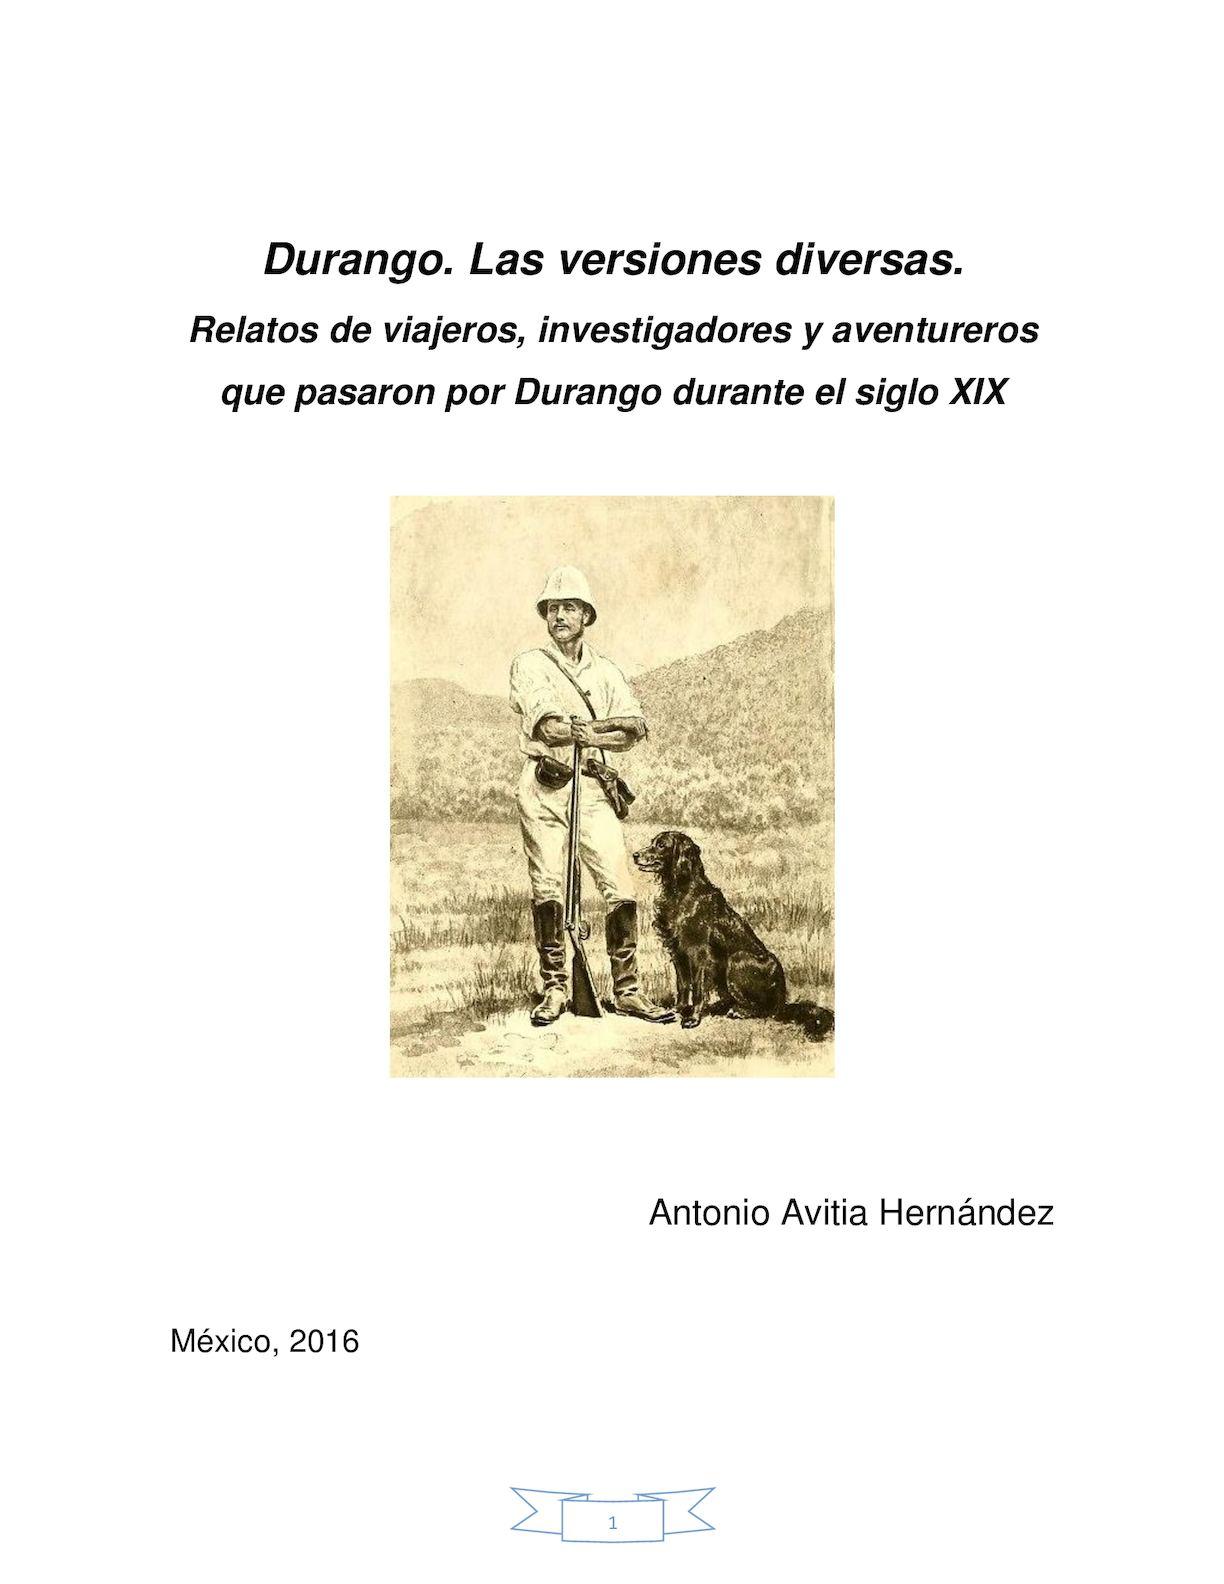 Mujeres Solteras Traductor 335112